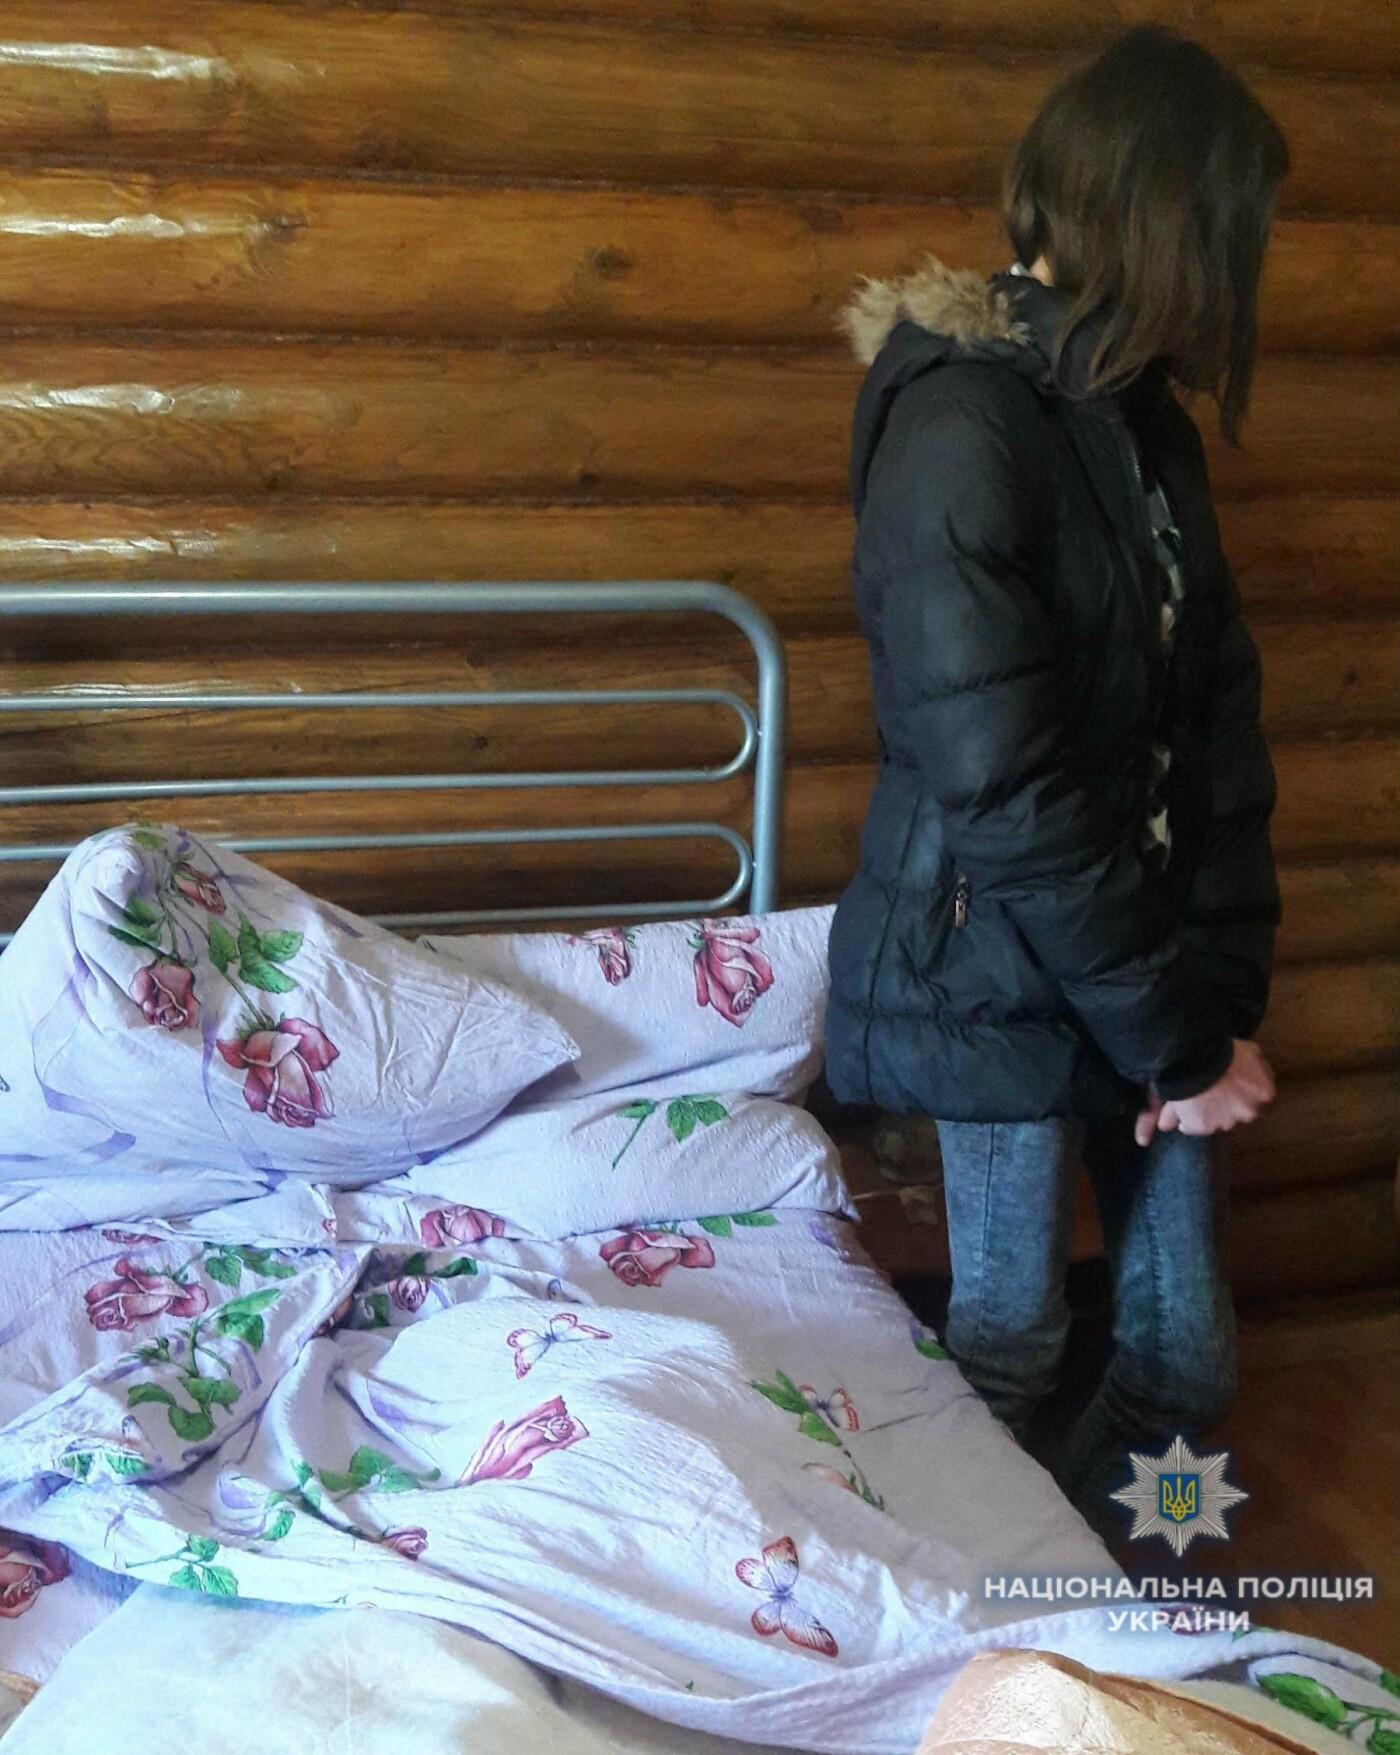 Шукали клієнтів в Інтернеті: 19-річна і 43-річна повії продавали тіло у Сваляві за 1500 гривень (ФОТО), фото-3